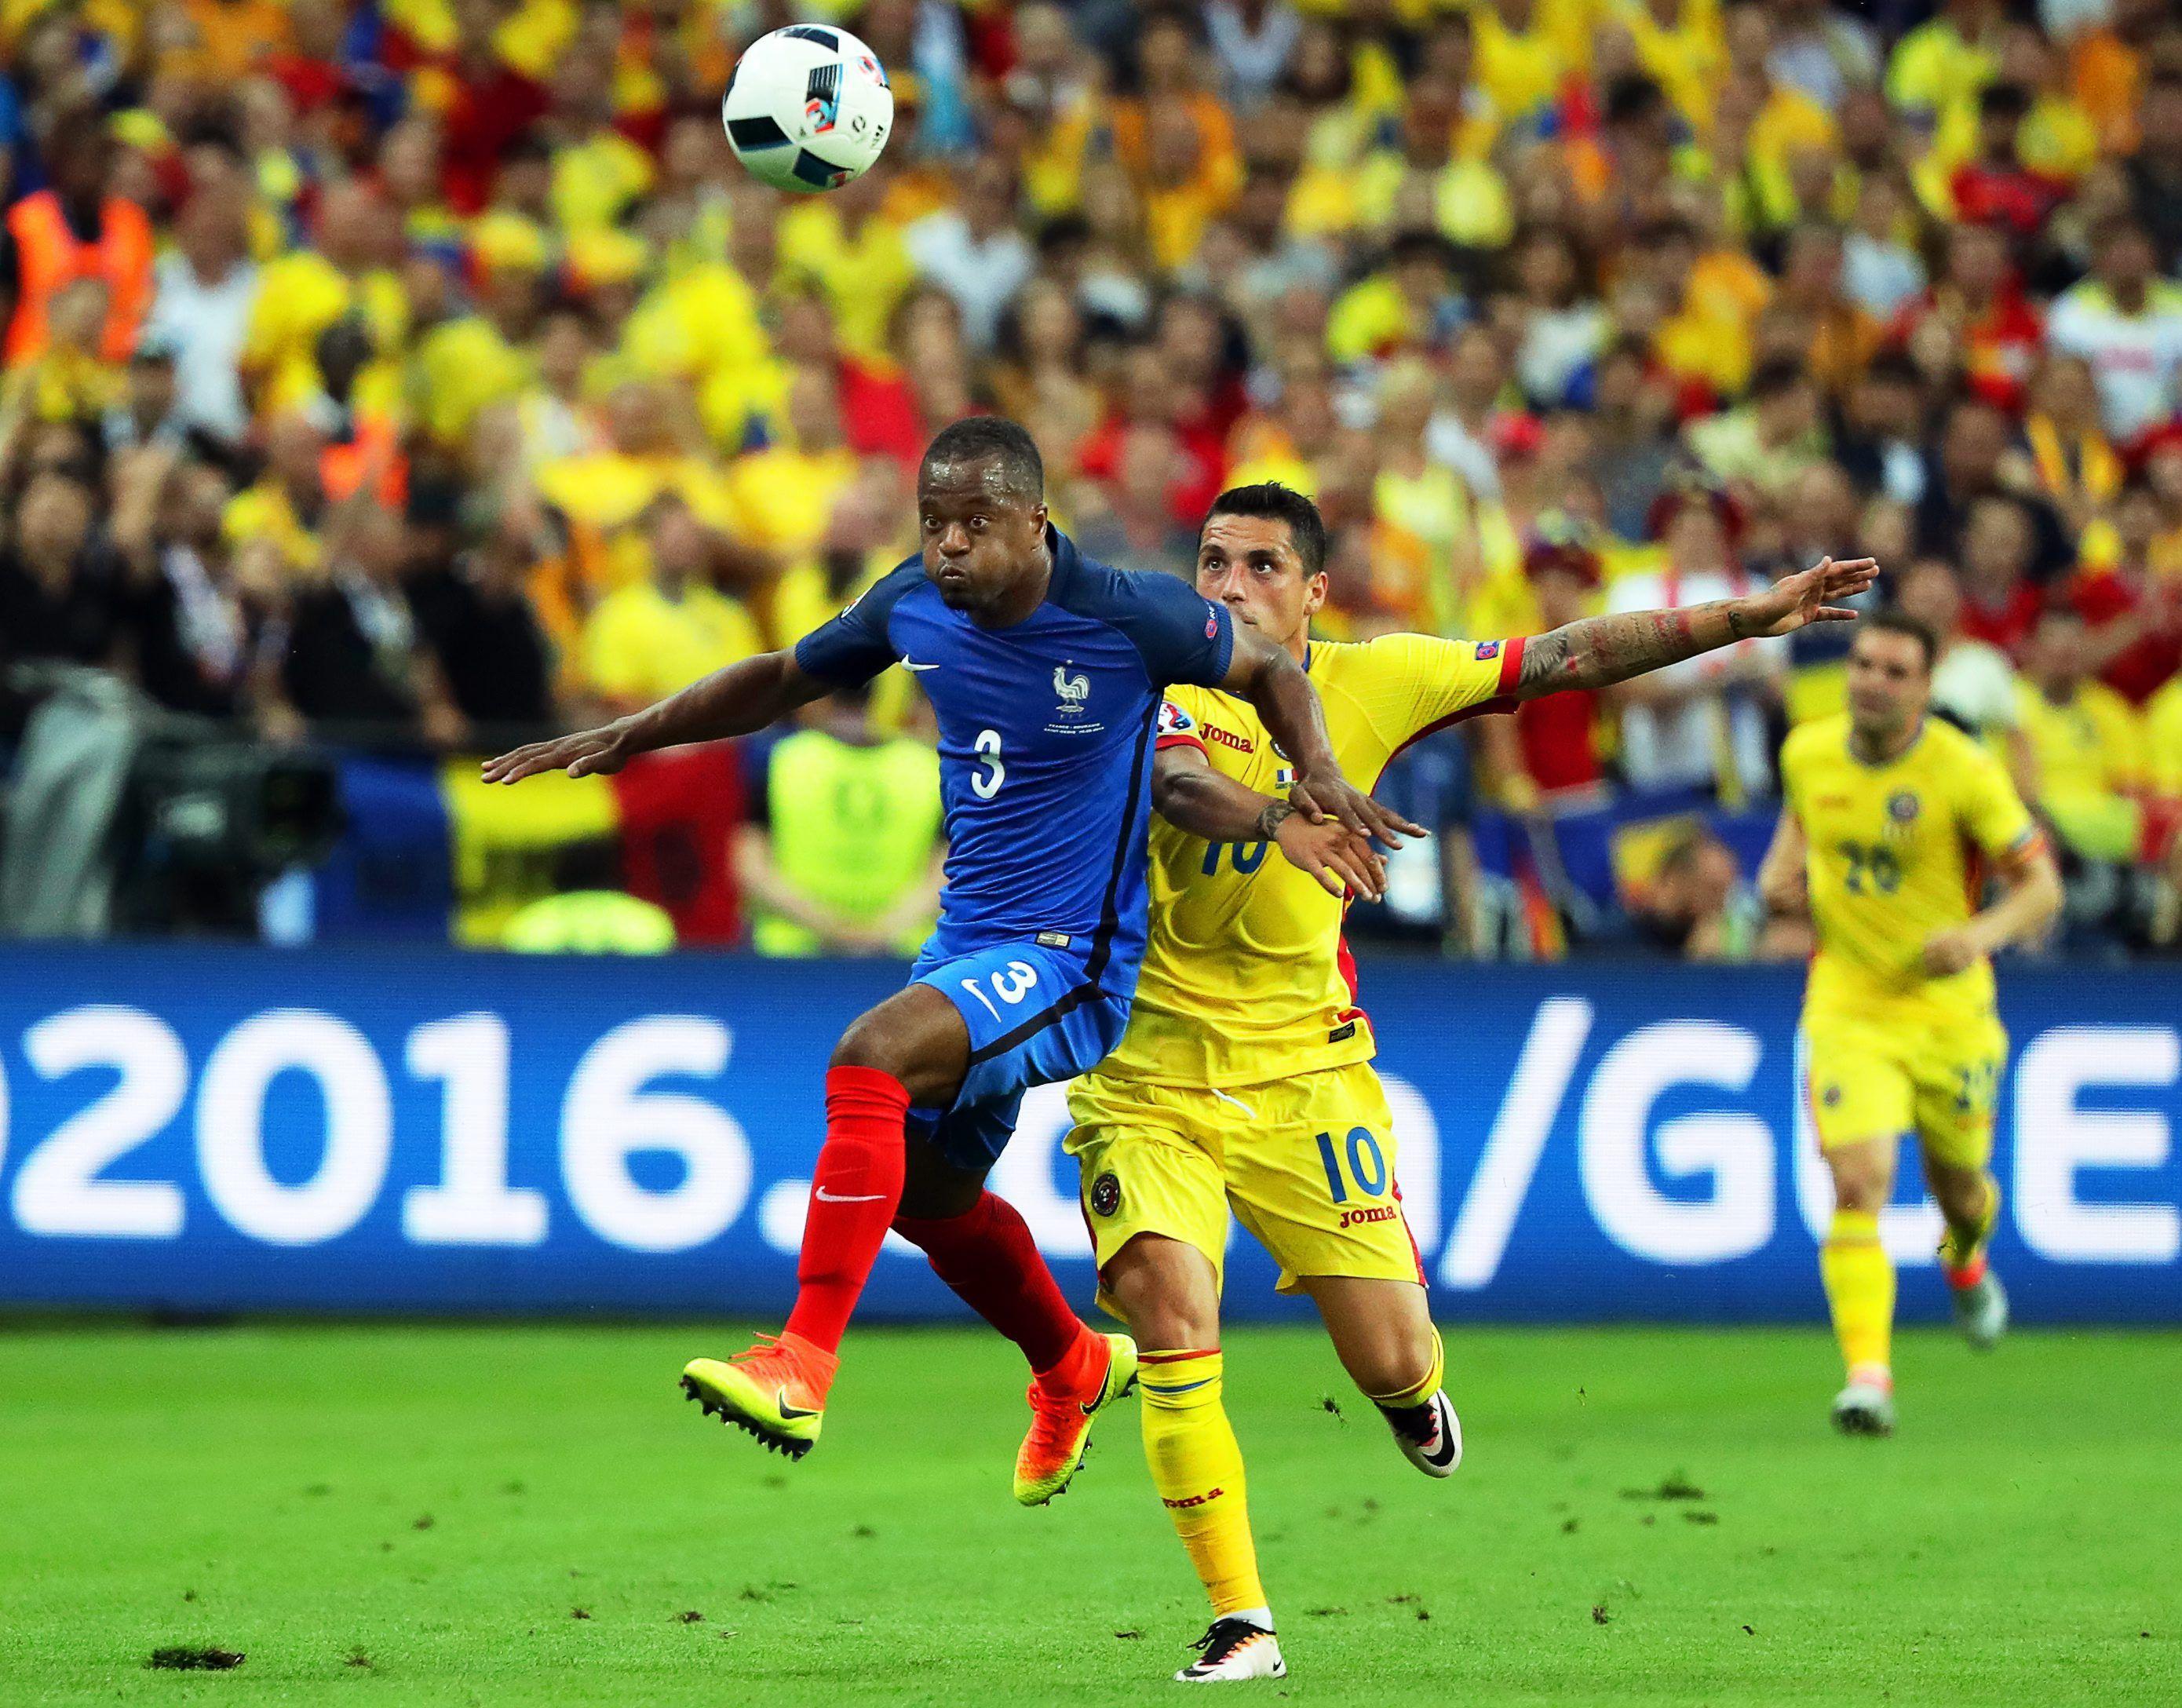 Con un golazo agónico, Francia venció a Rumania en el inicio de la Eurocopa